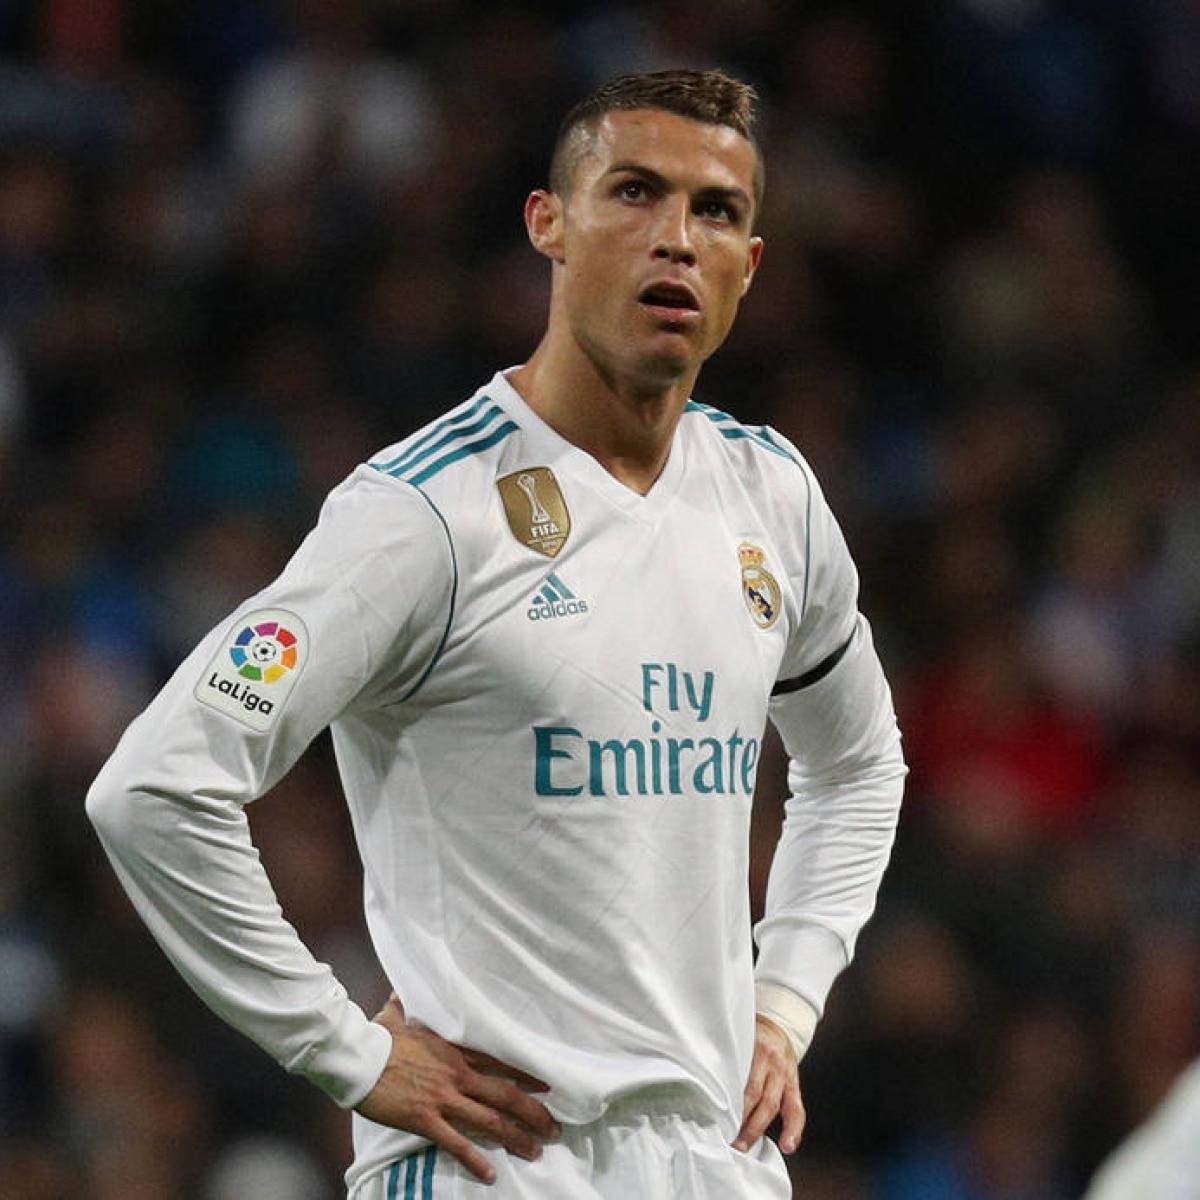 Com pior início pelo Real Madrid 1d57a8631bf14